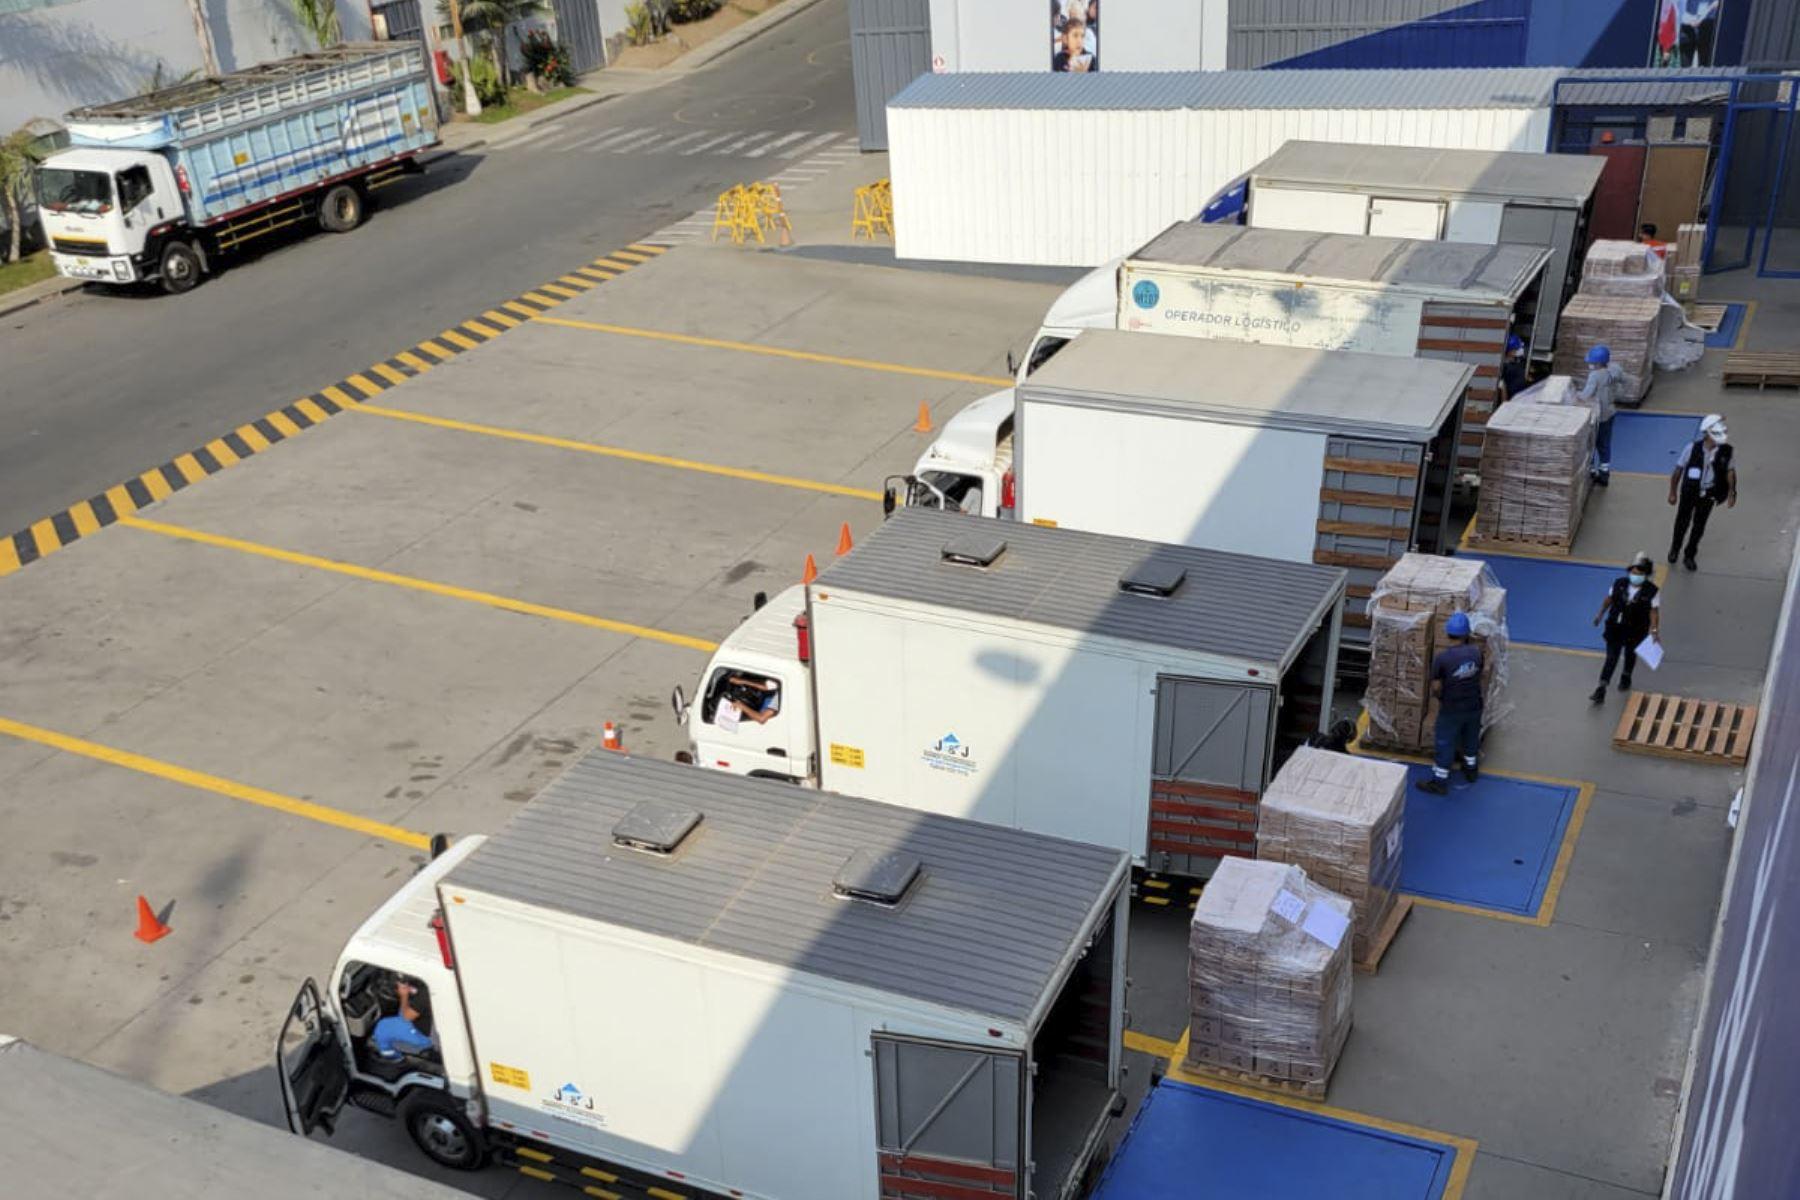 La Misión Electoral de la OEA en Perú observó en la Central de Gerencia de Organización Electoral de la ONPE la preparación y carga de material para las Elecciones 2021 que serán utilizados en Lima y el área metropolitana y que se distribuirá el viernes. Foto: Difusión